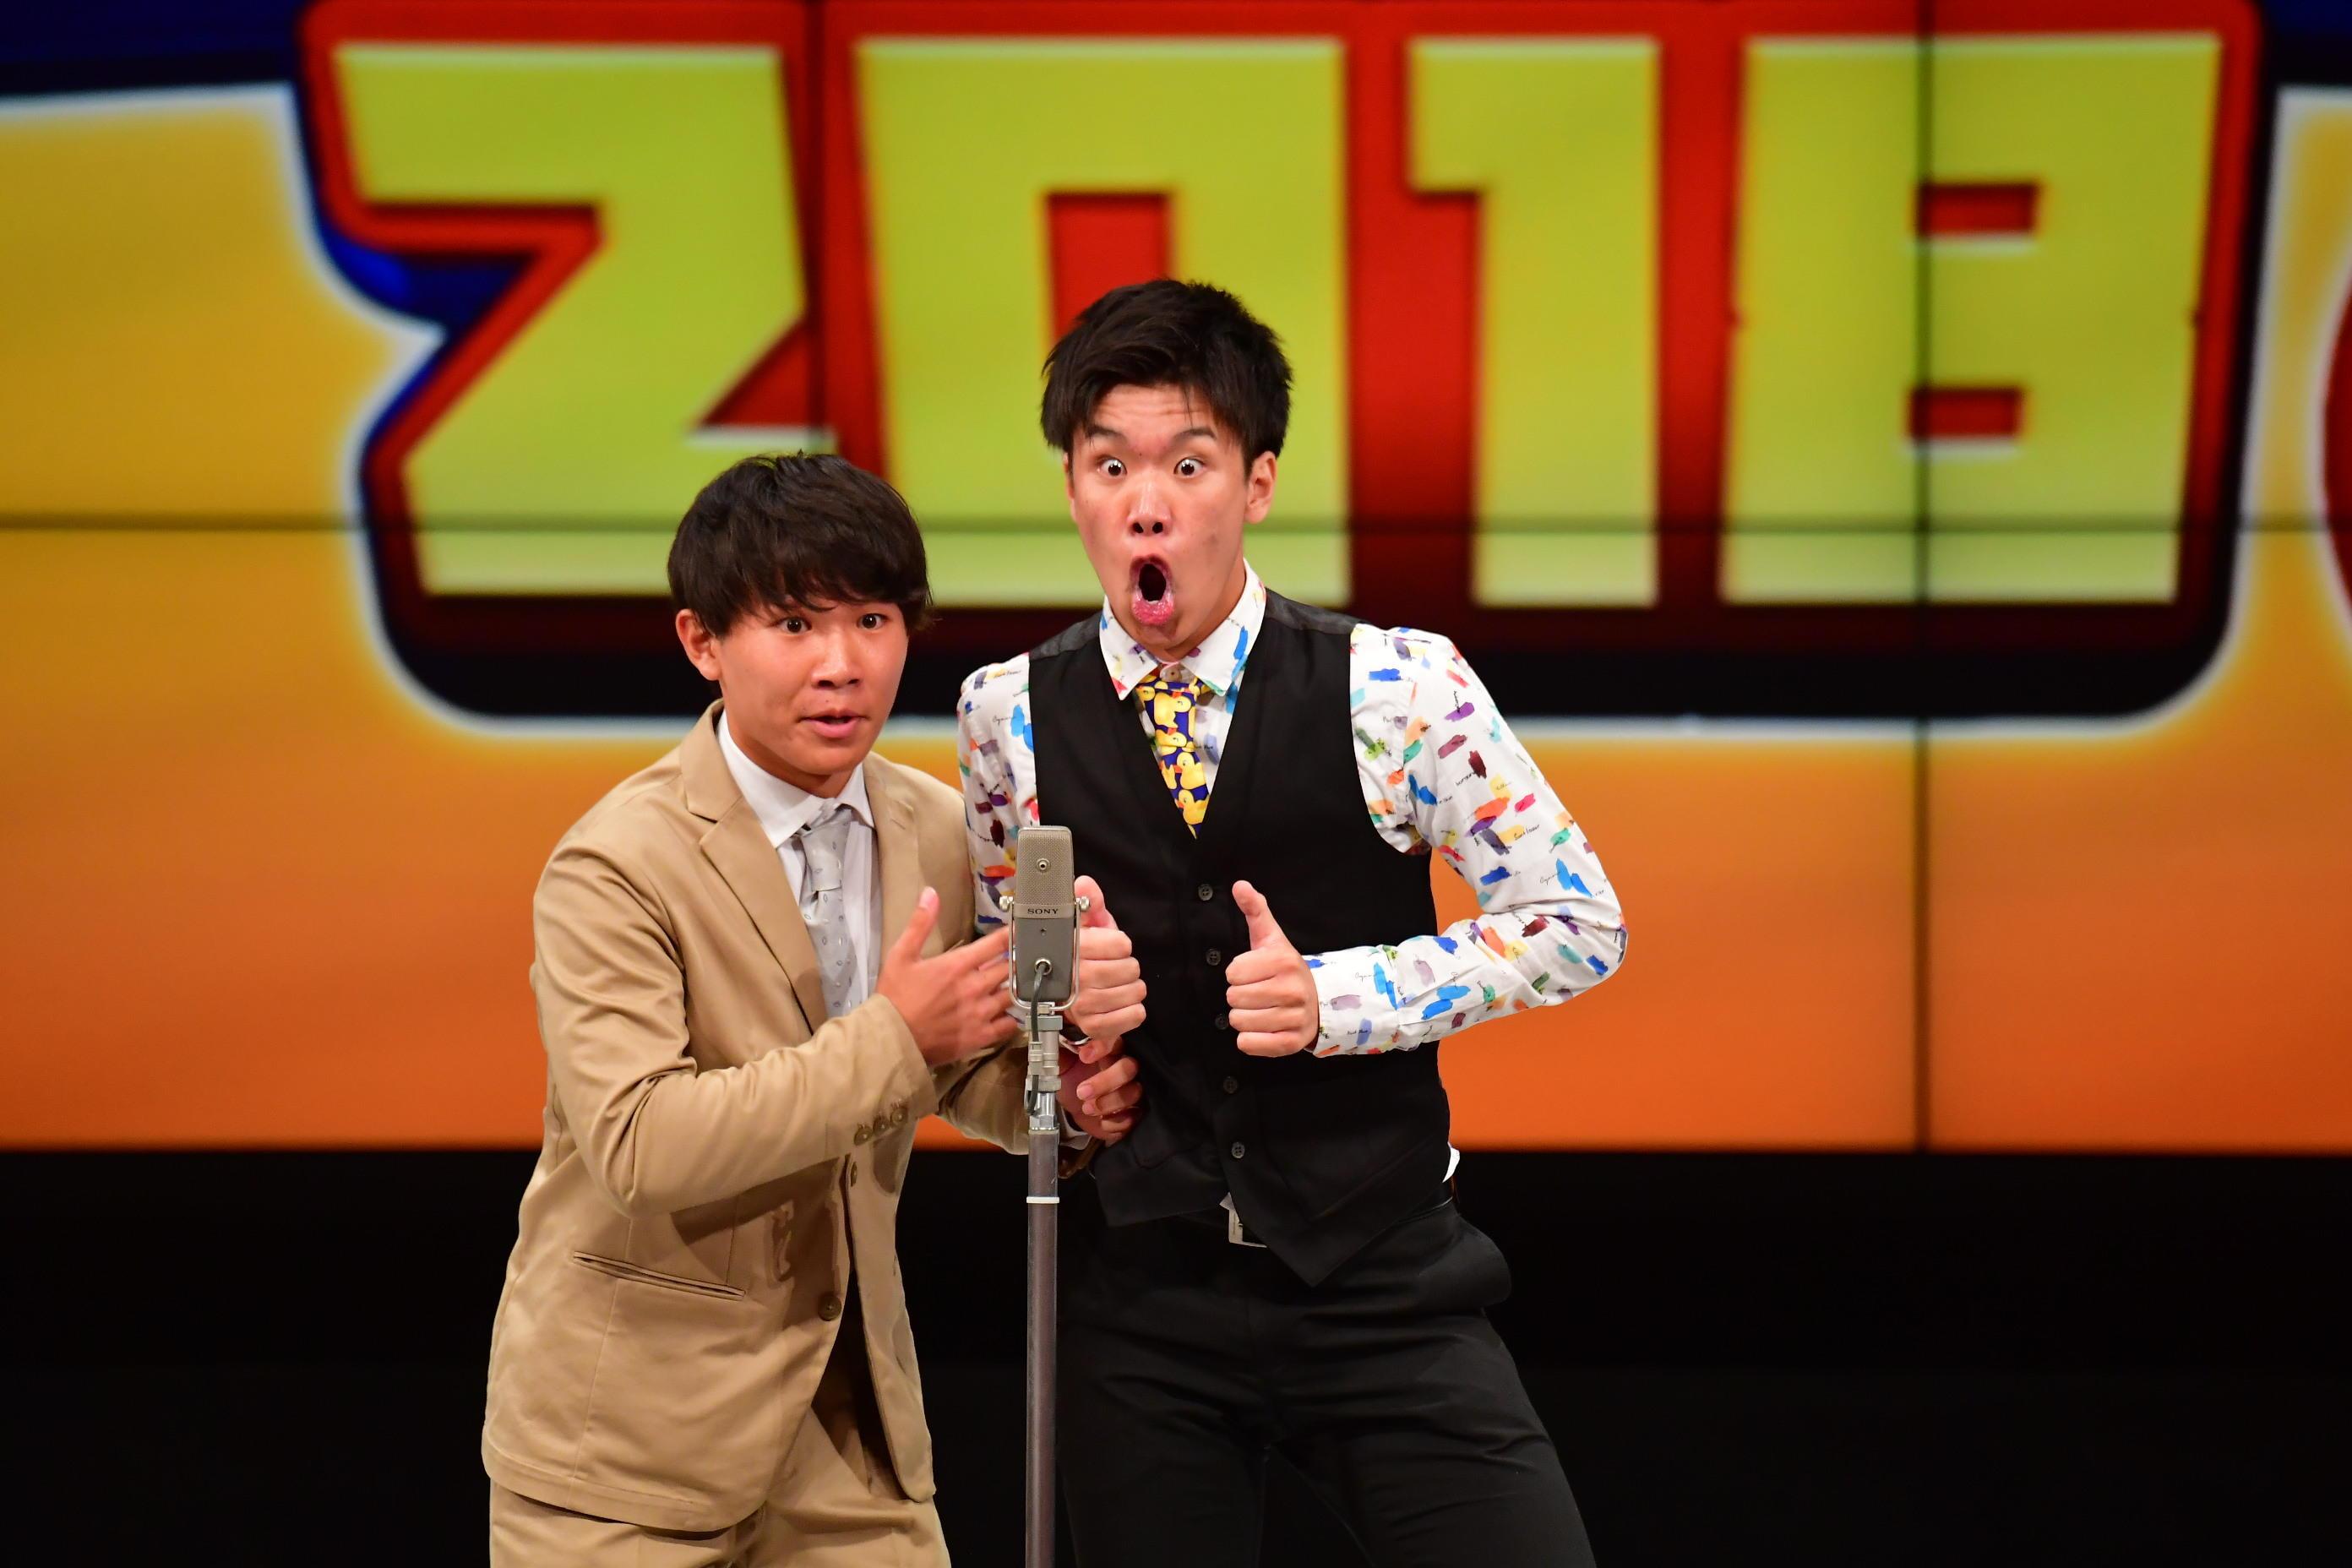 http://news.yoshimoto.co.jp/20180902231811-c364b70c49aa8738a2aaa18b730452c4370c5fe2.jpg